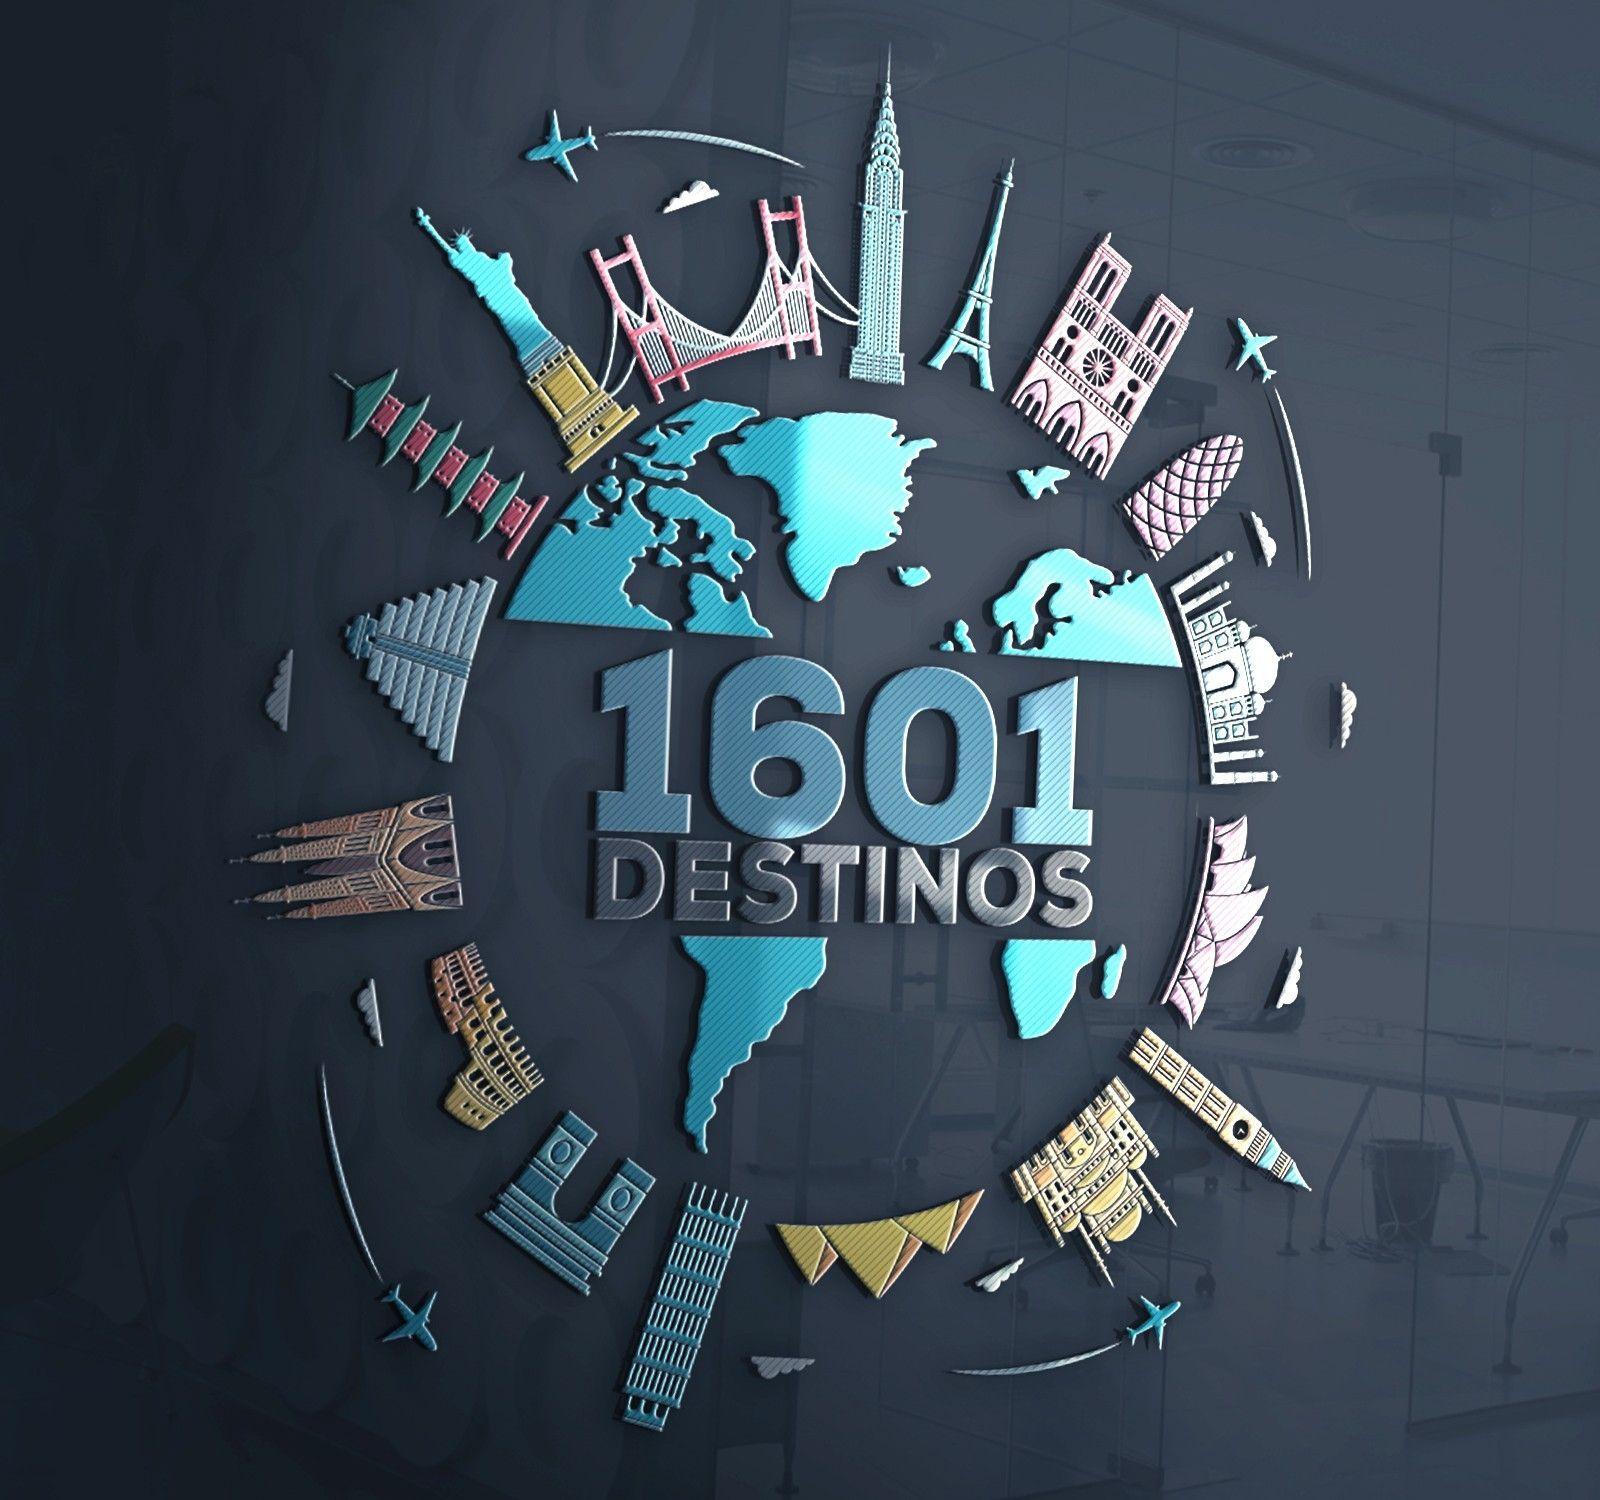 1601 Destinos